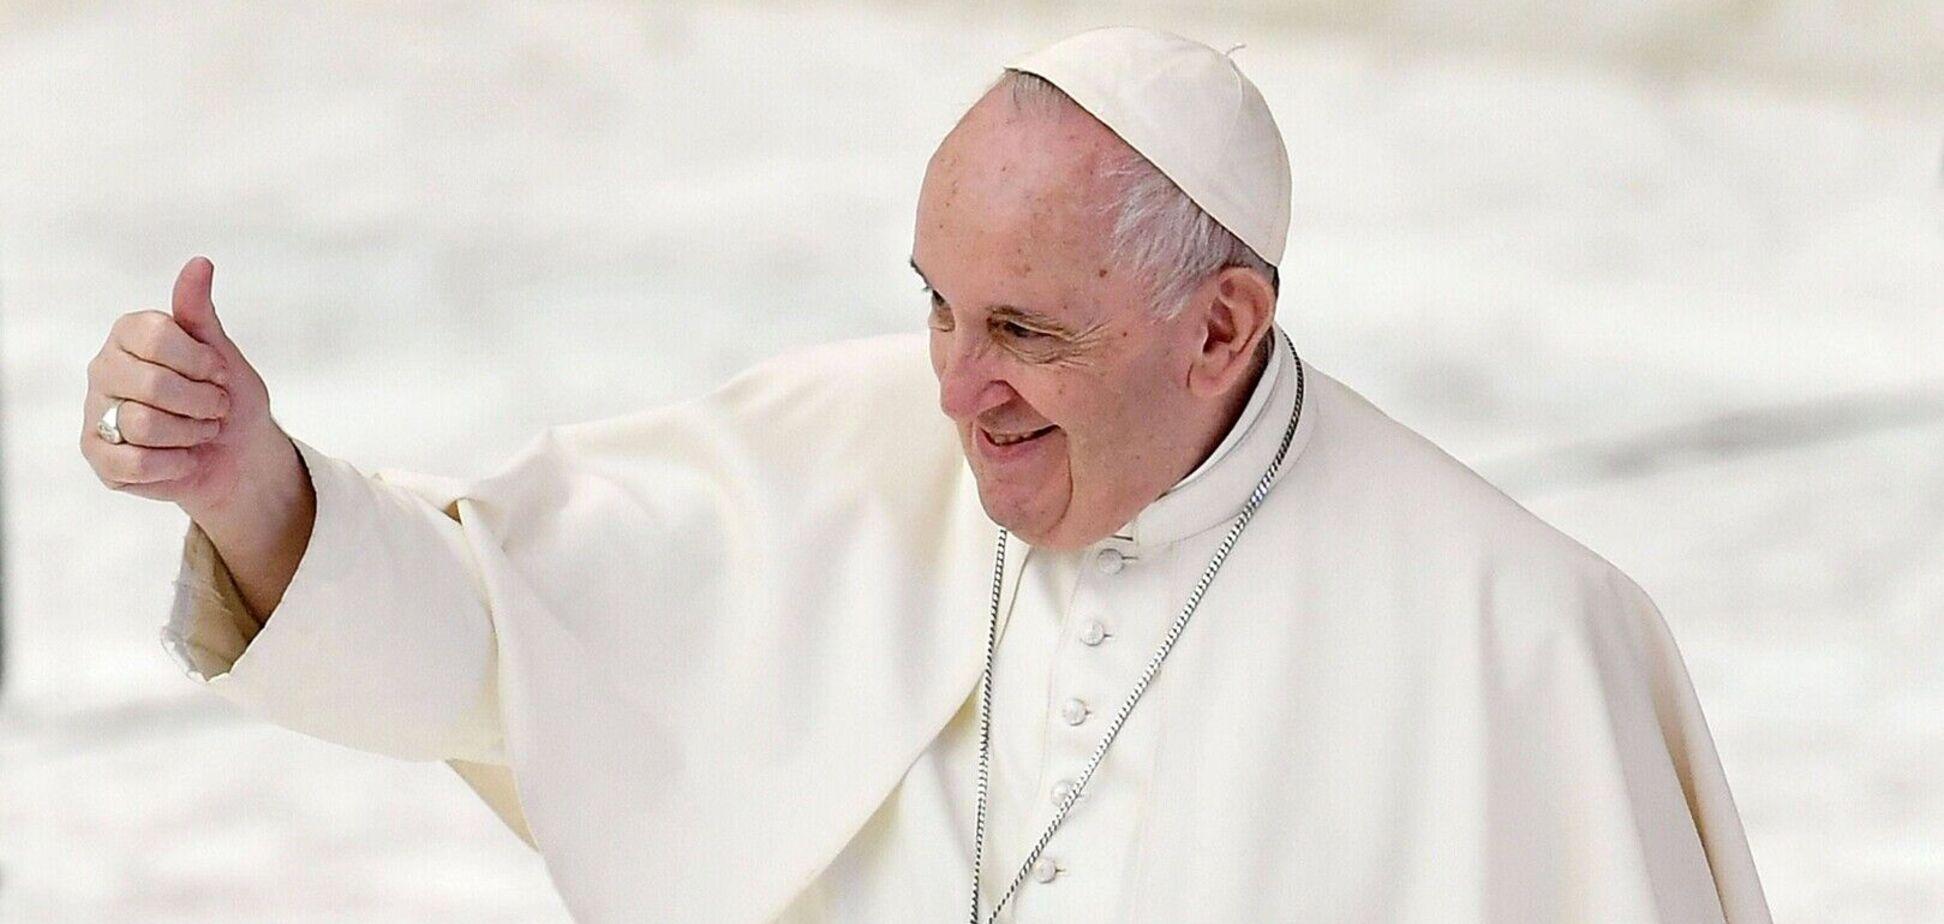 Папа Римский снимется в документальном фильме от Netflix: о чем кинолента